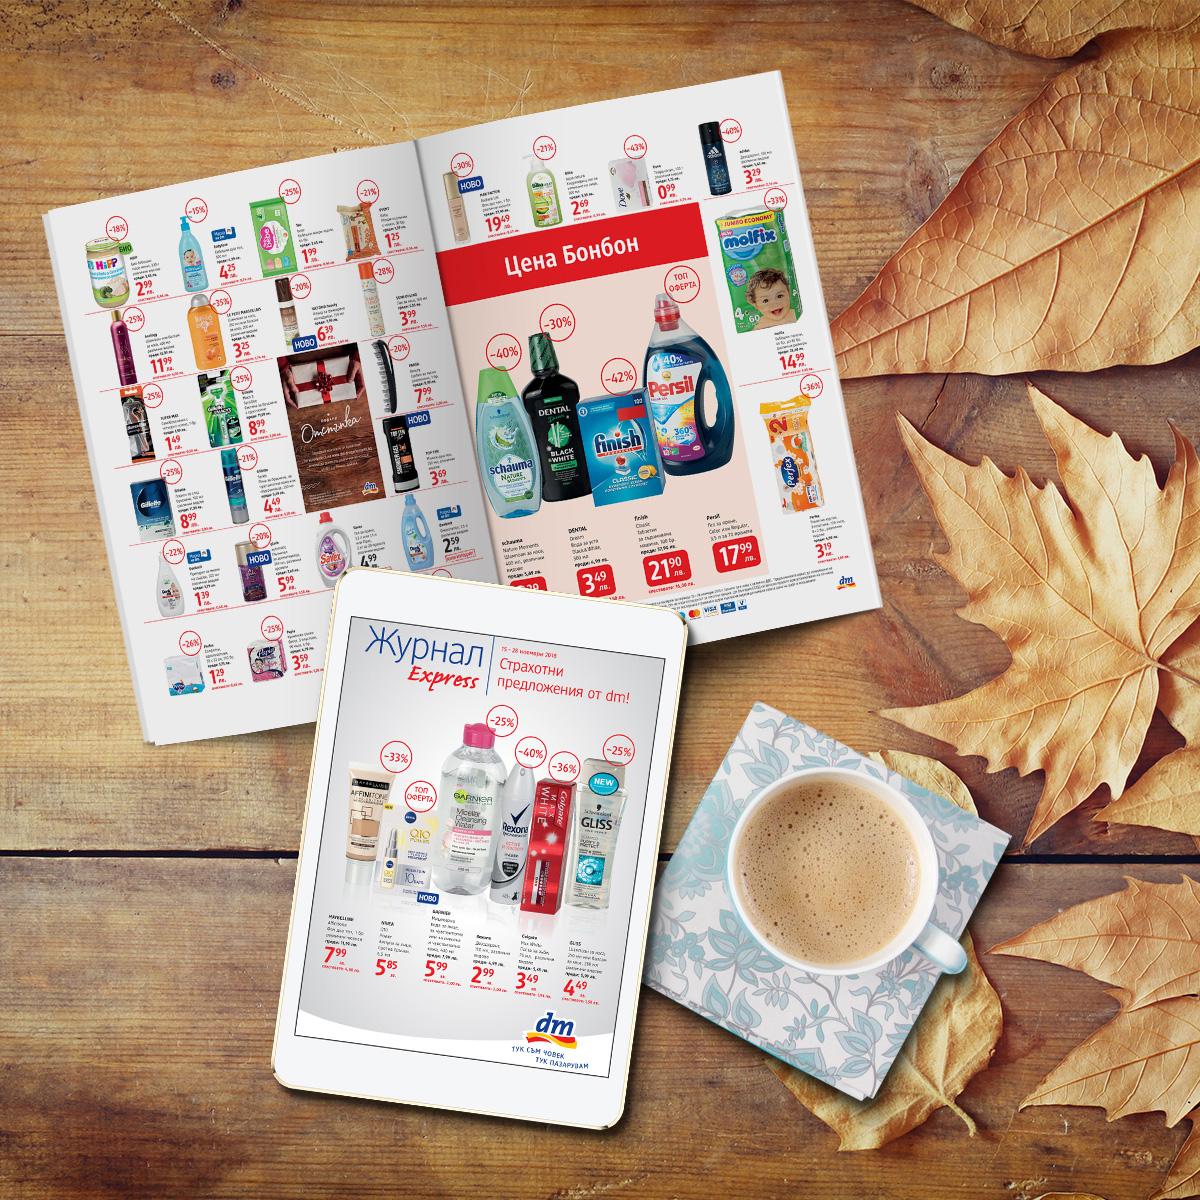 Новият dm журнал вече е тук, валиден от 15 до 28.11.